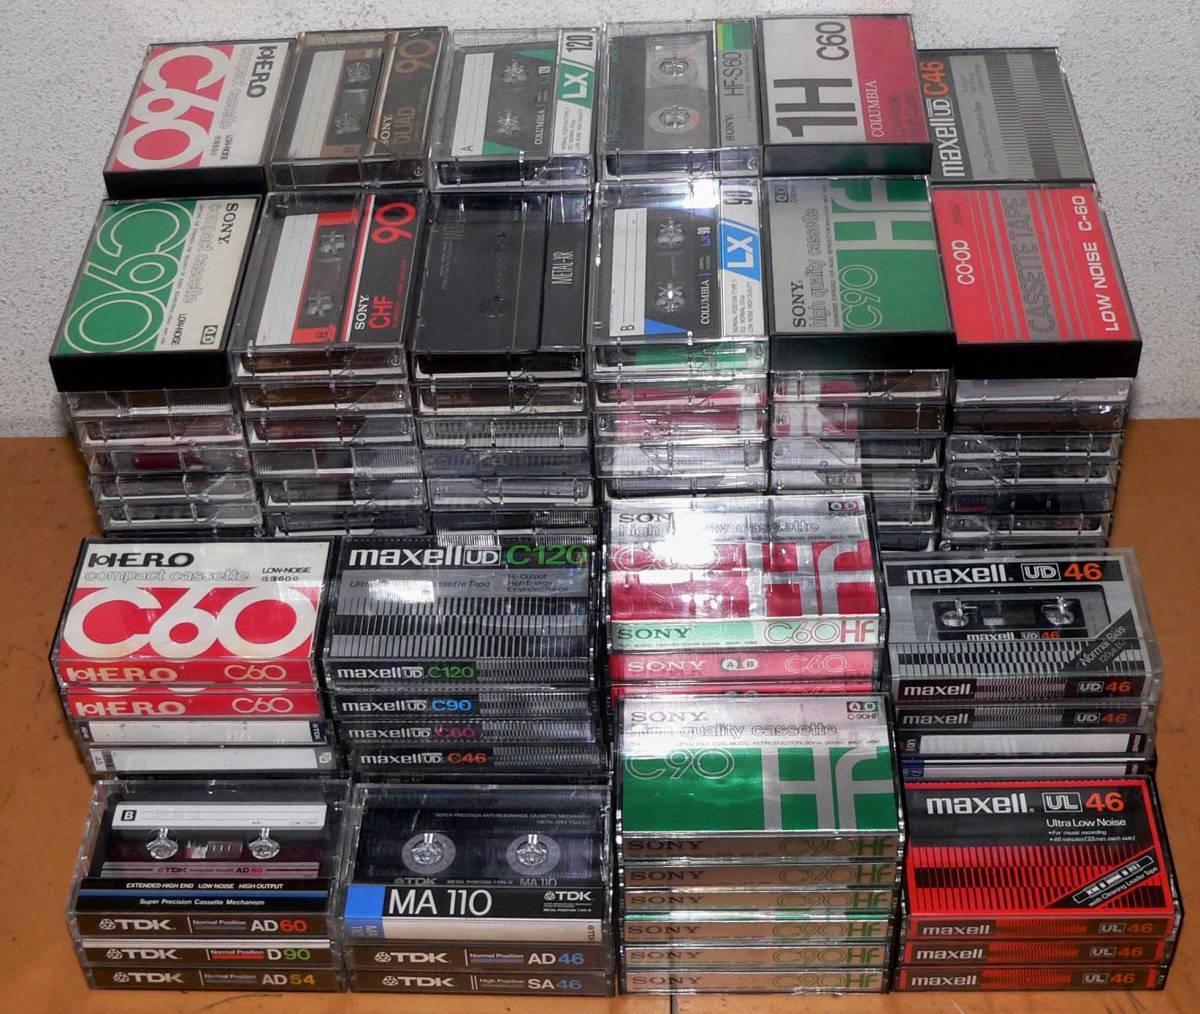 ★ 中古カセット テープ - 200本 / TDK、 SONY、maxell、他★